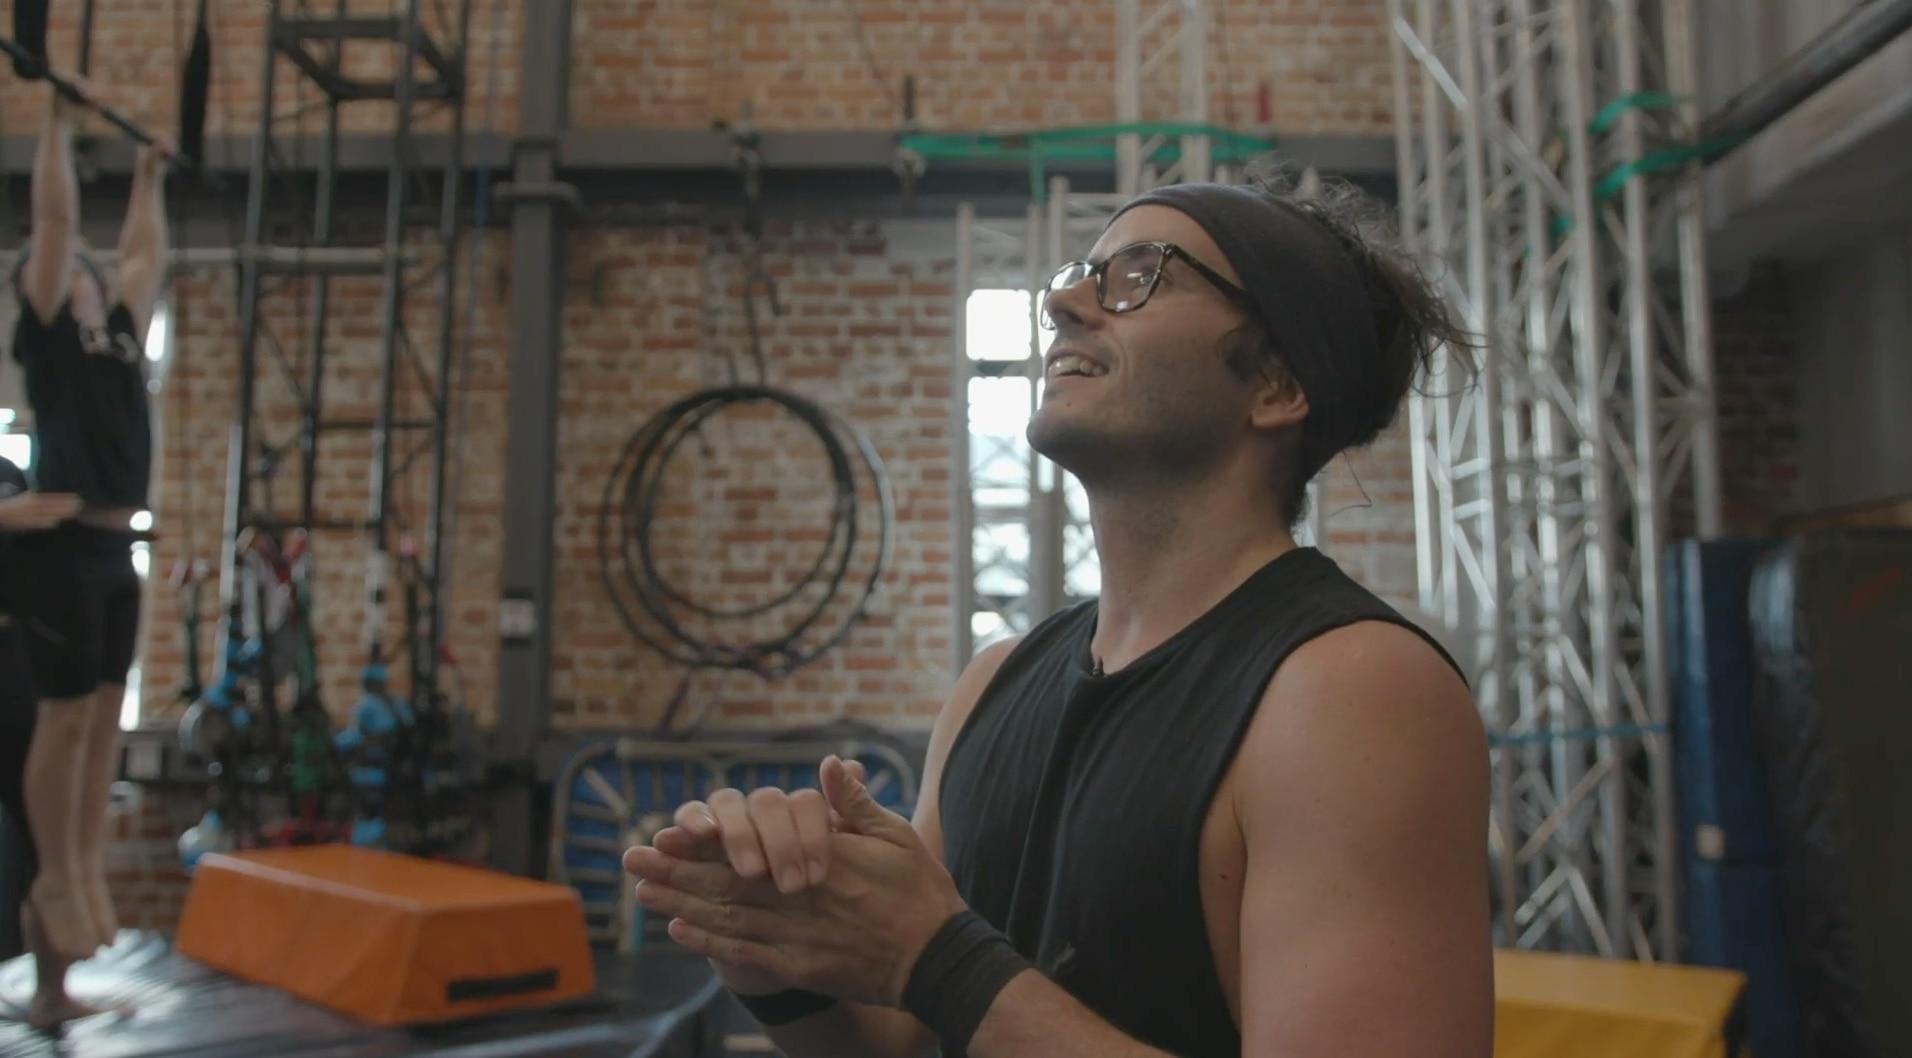 Daniel in the gym